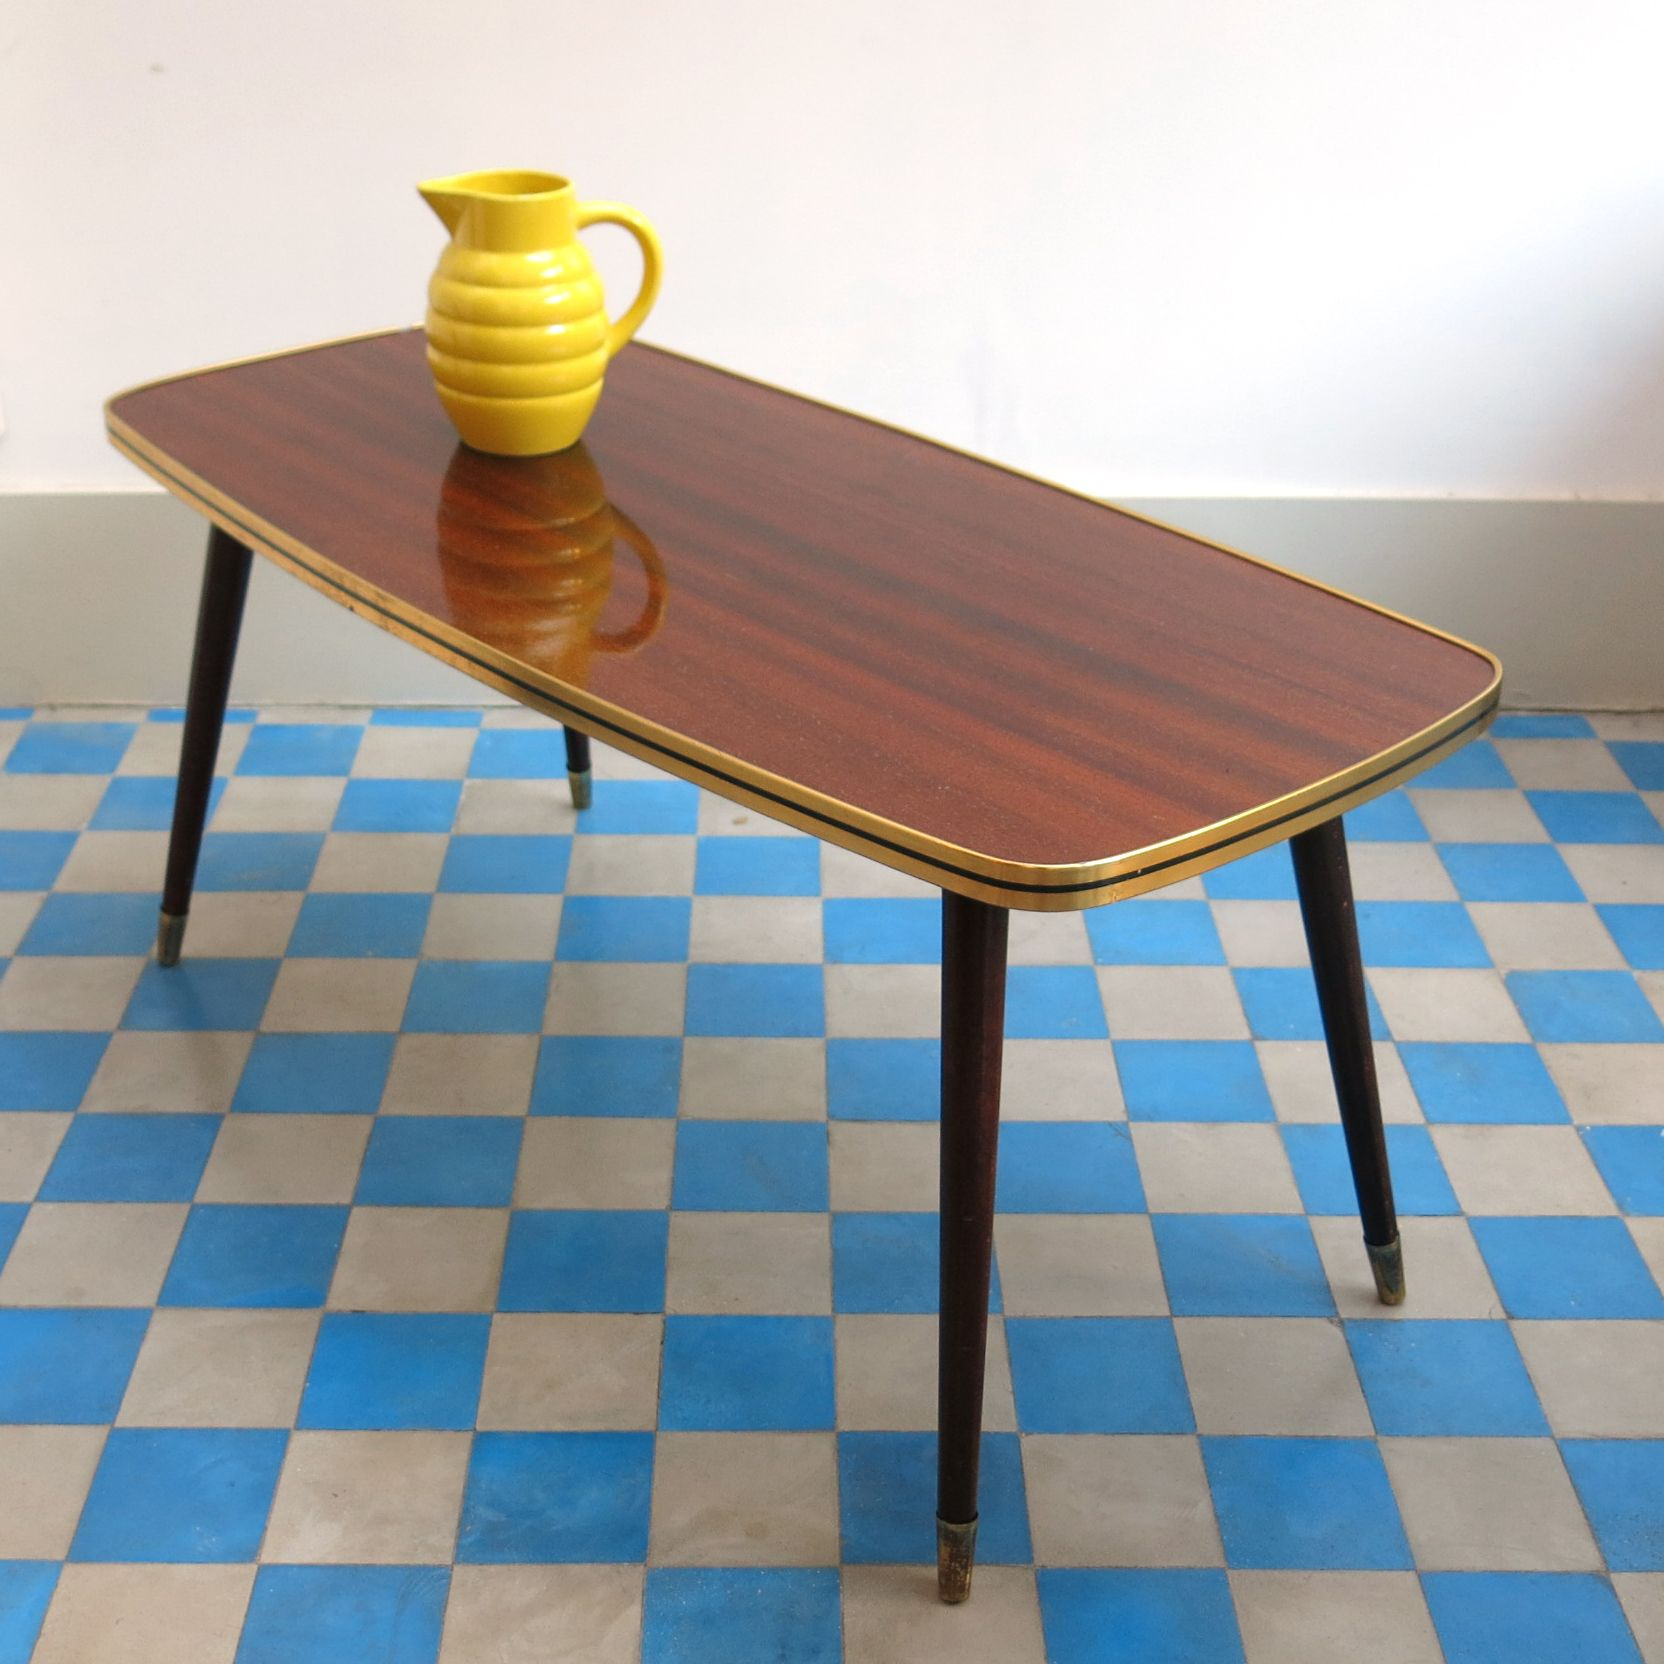 Table Basse En Formica table basse en formica marron ref.150612 | décoration